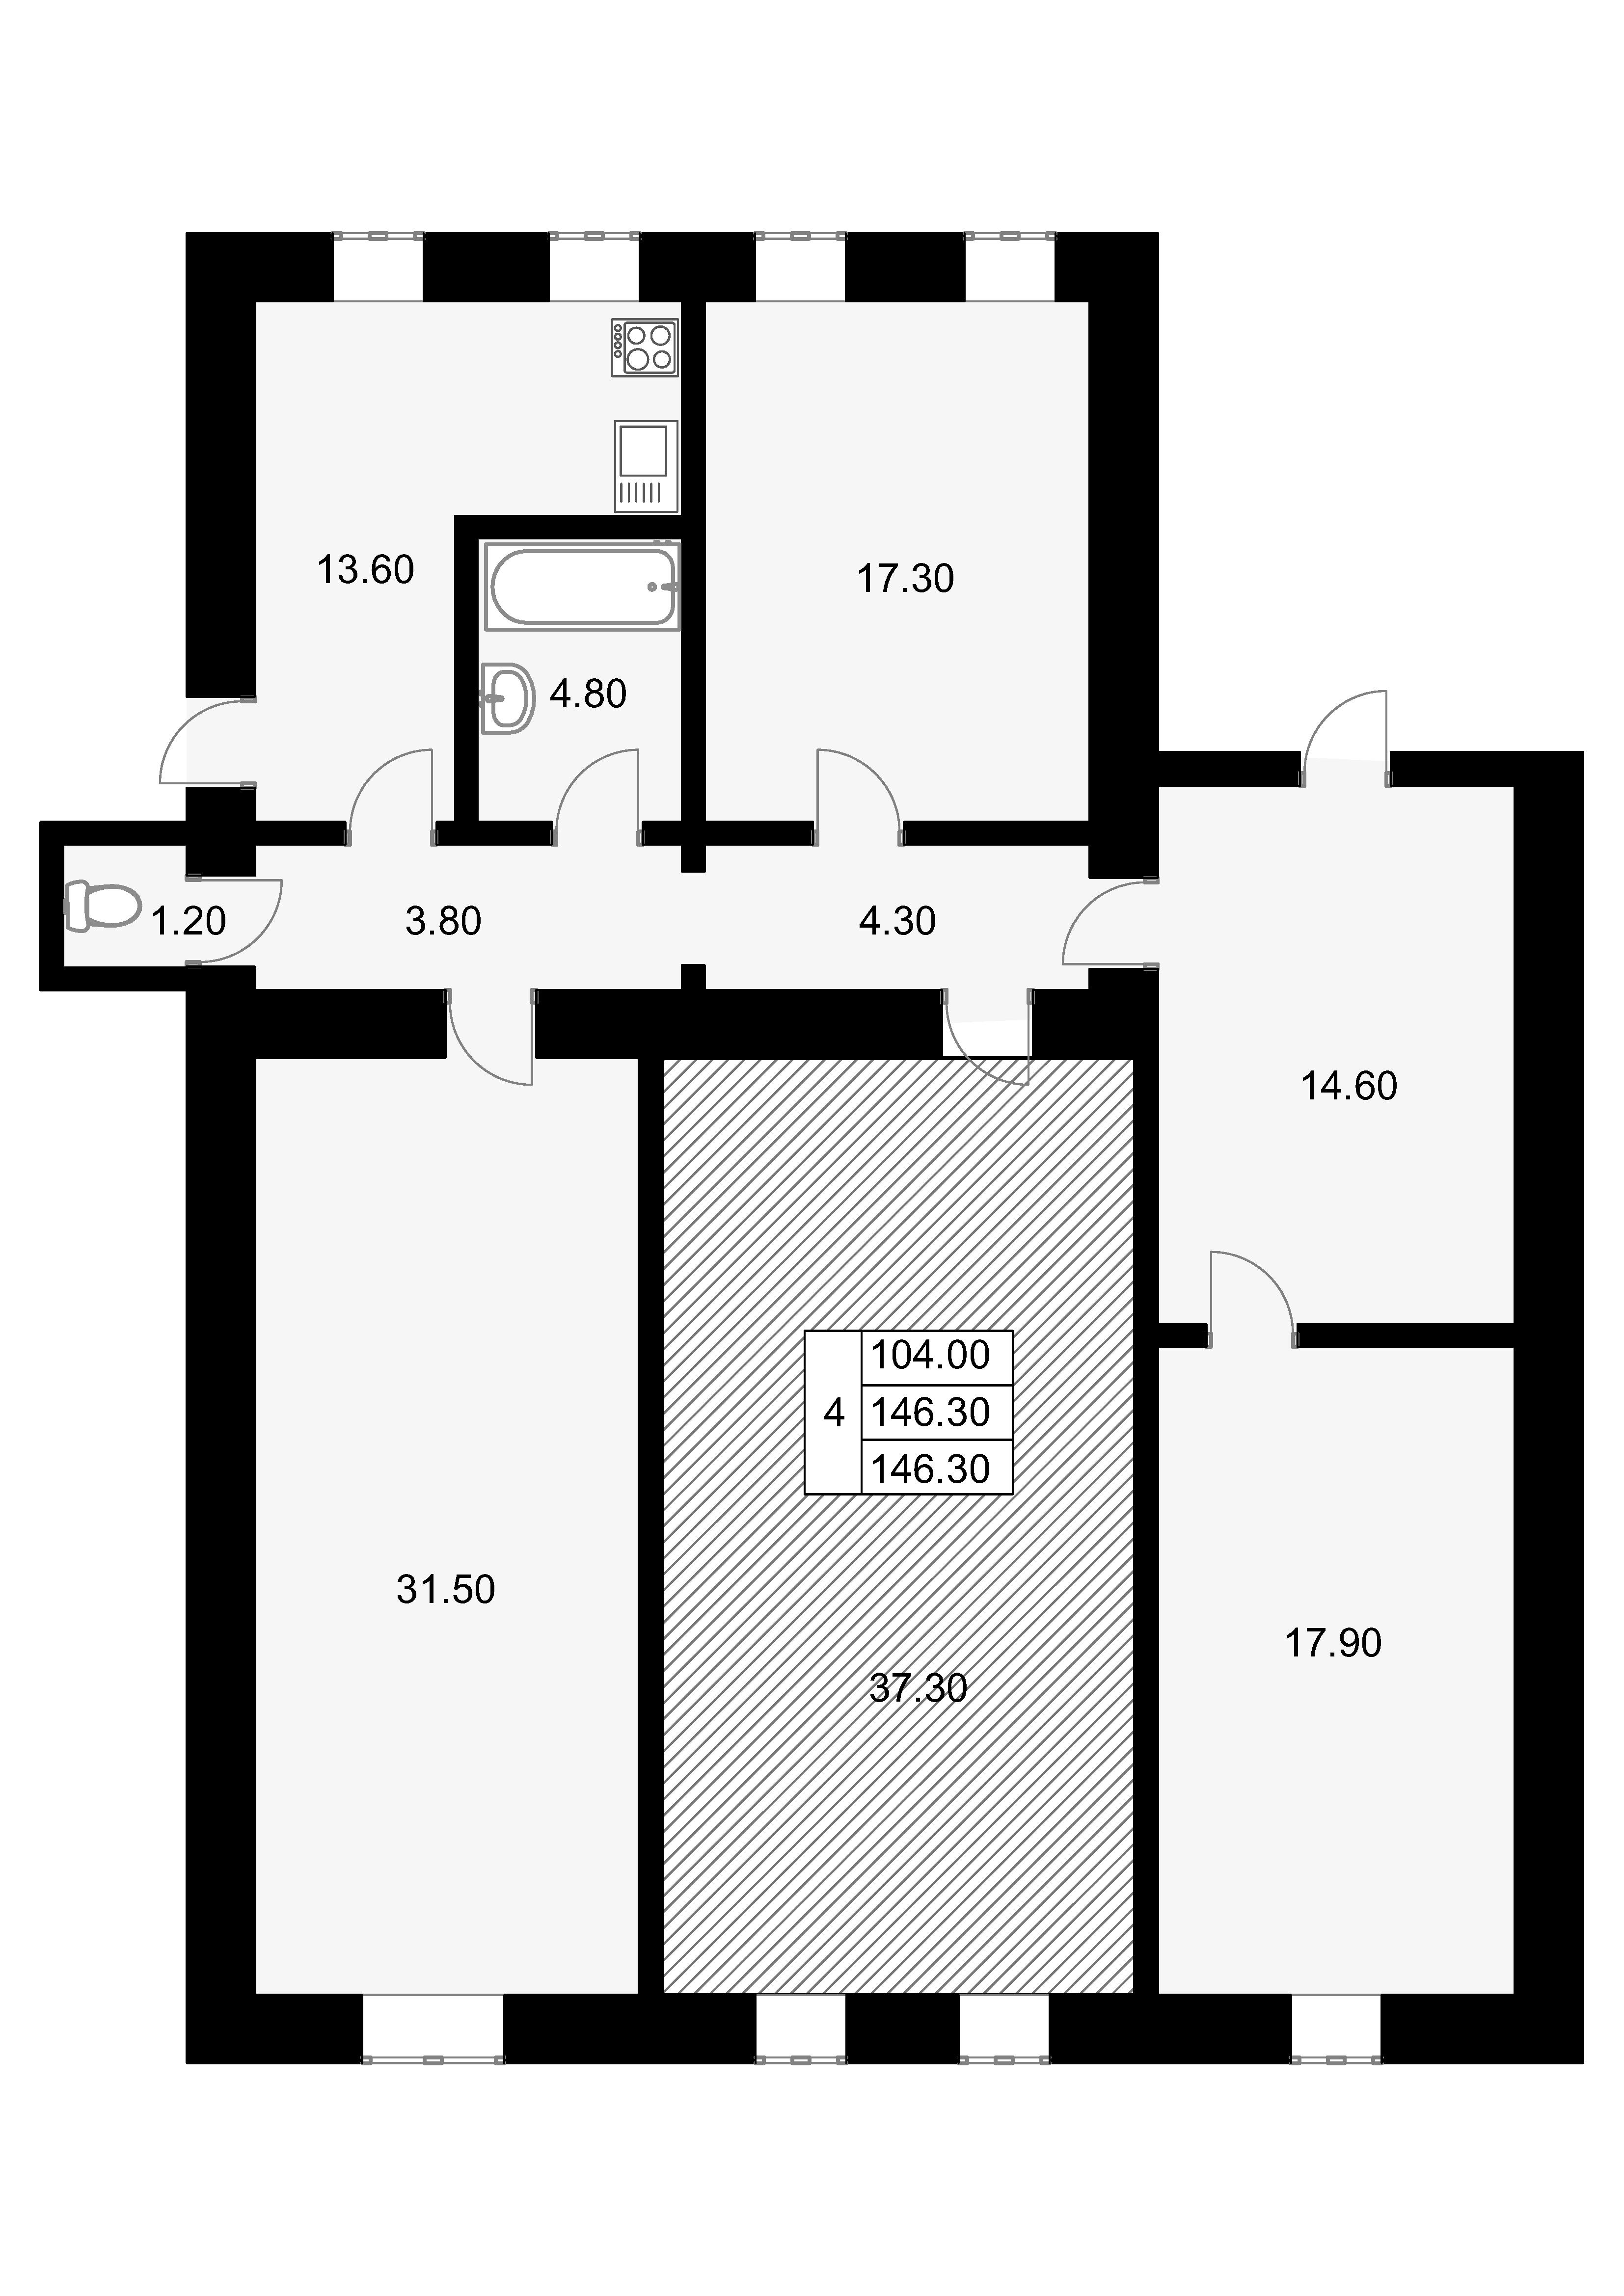 Комнаты, 146.3 м²